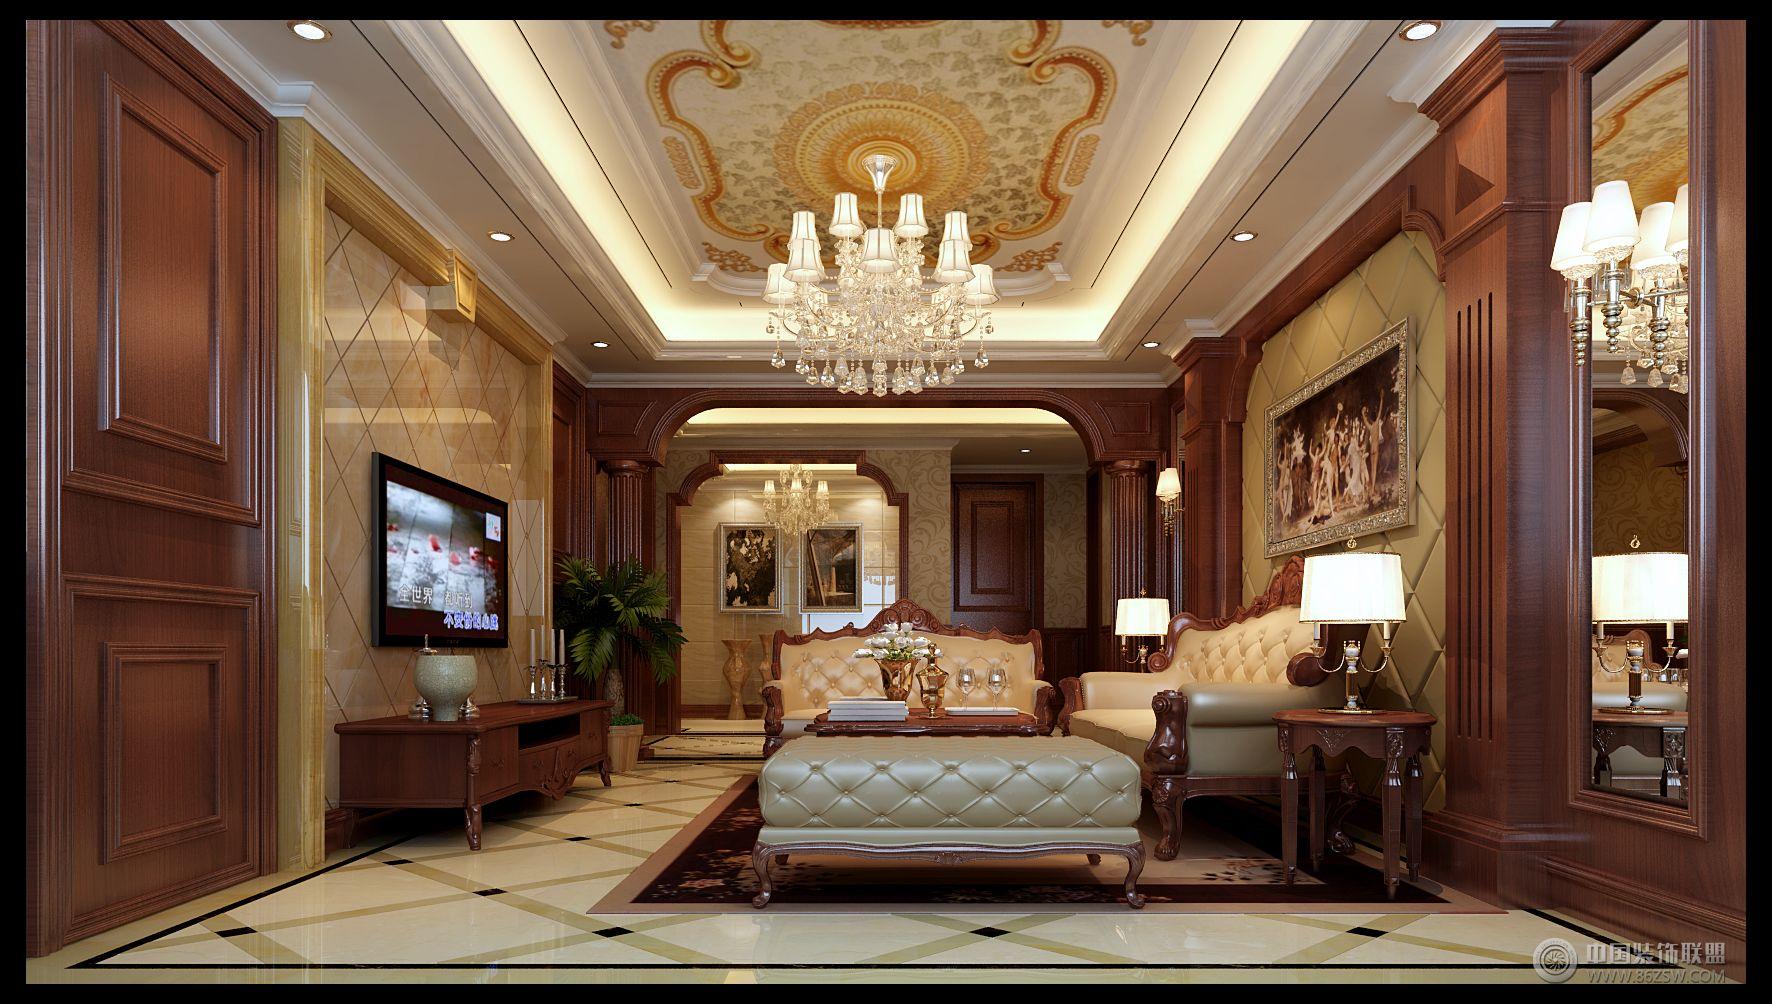 欧式风格别墅软装设计案例-客厅装修图片